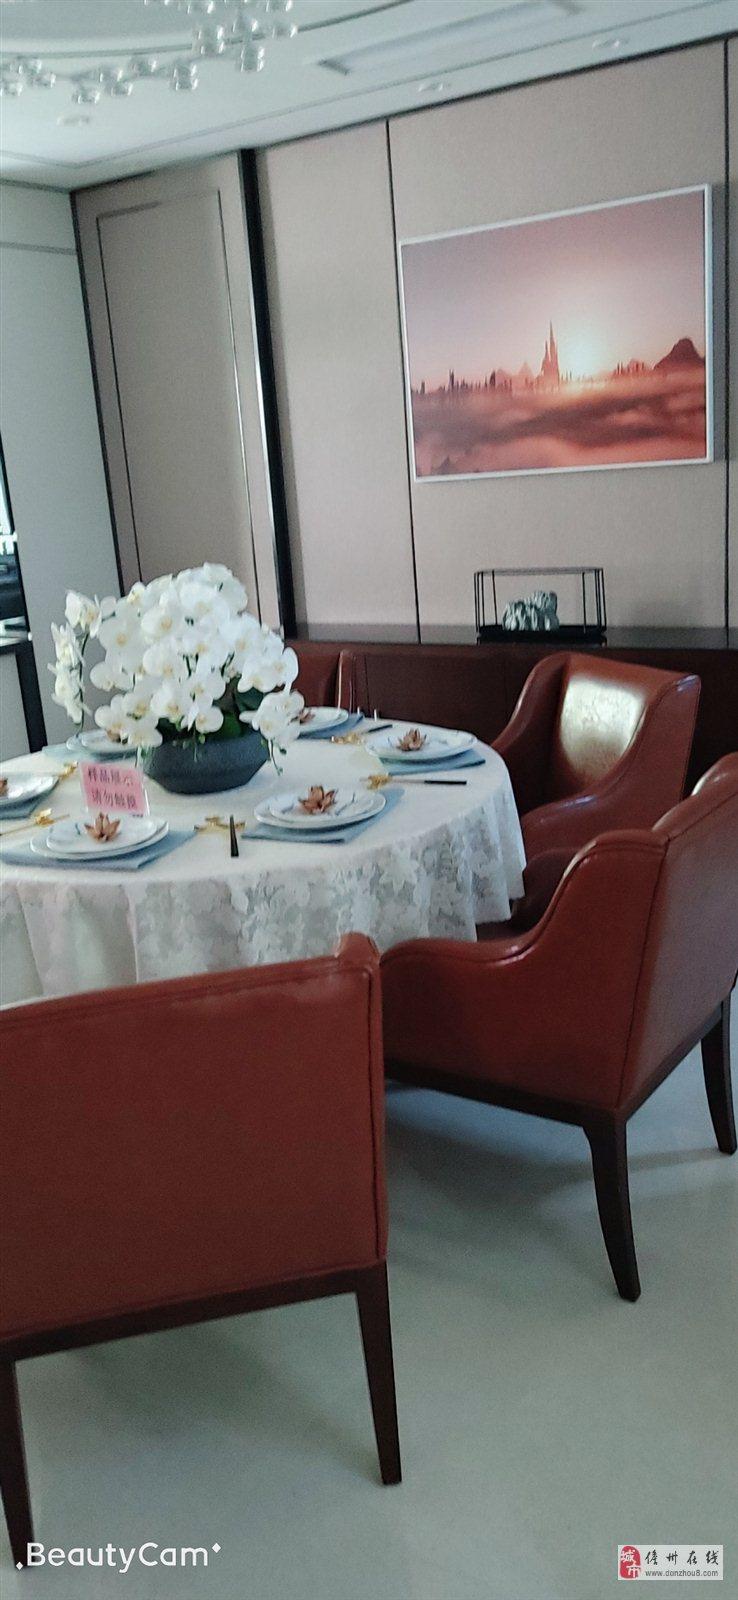 水榭丹提别墅毛坯上面三层地下一层面积220平,赠送220平。共440平250万元